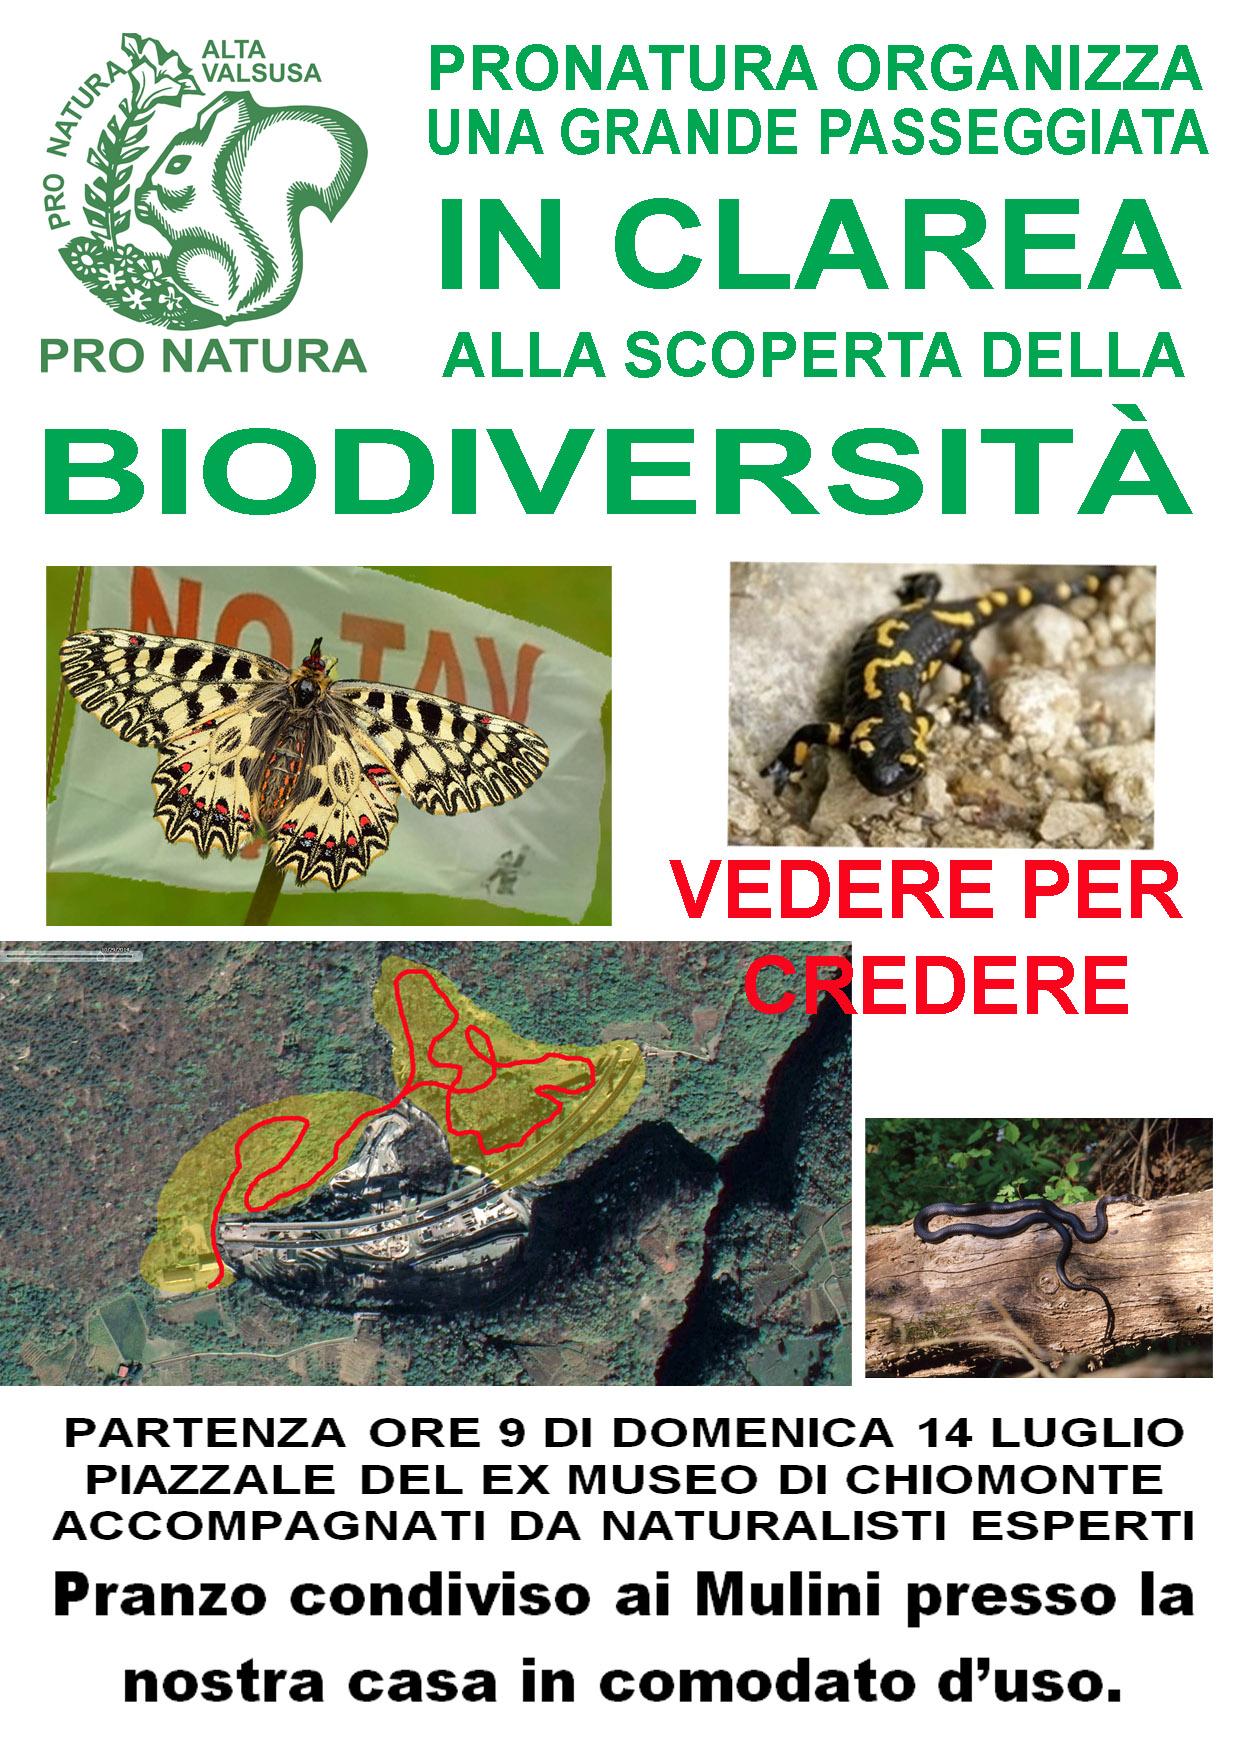 14/07, passeggiata in Clarea alla scoperta della biodiversità